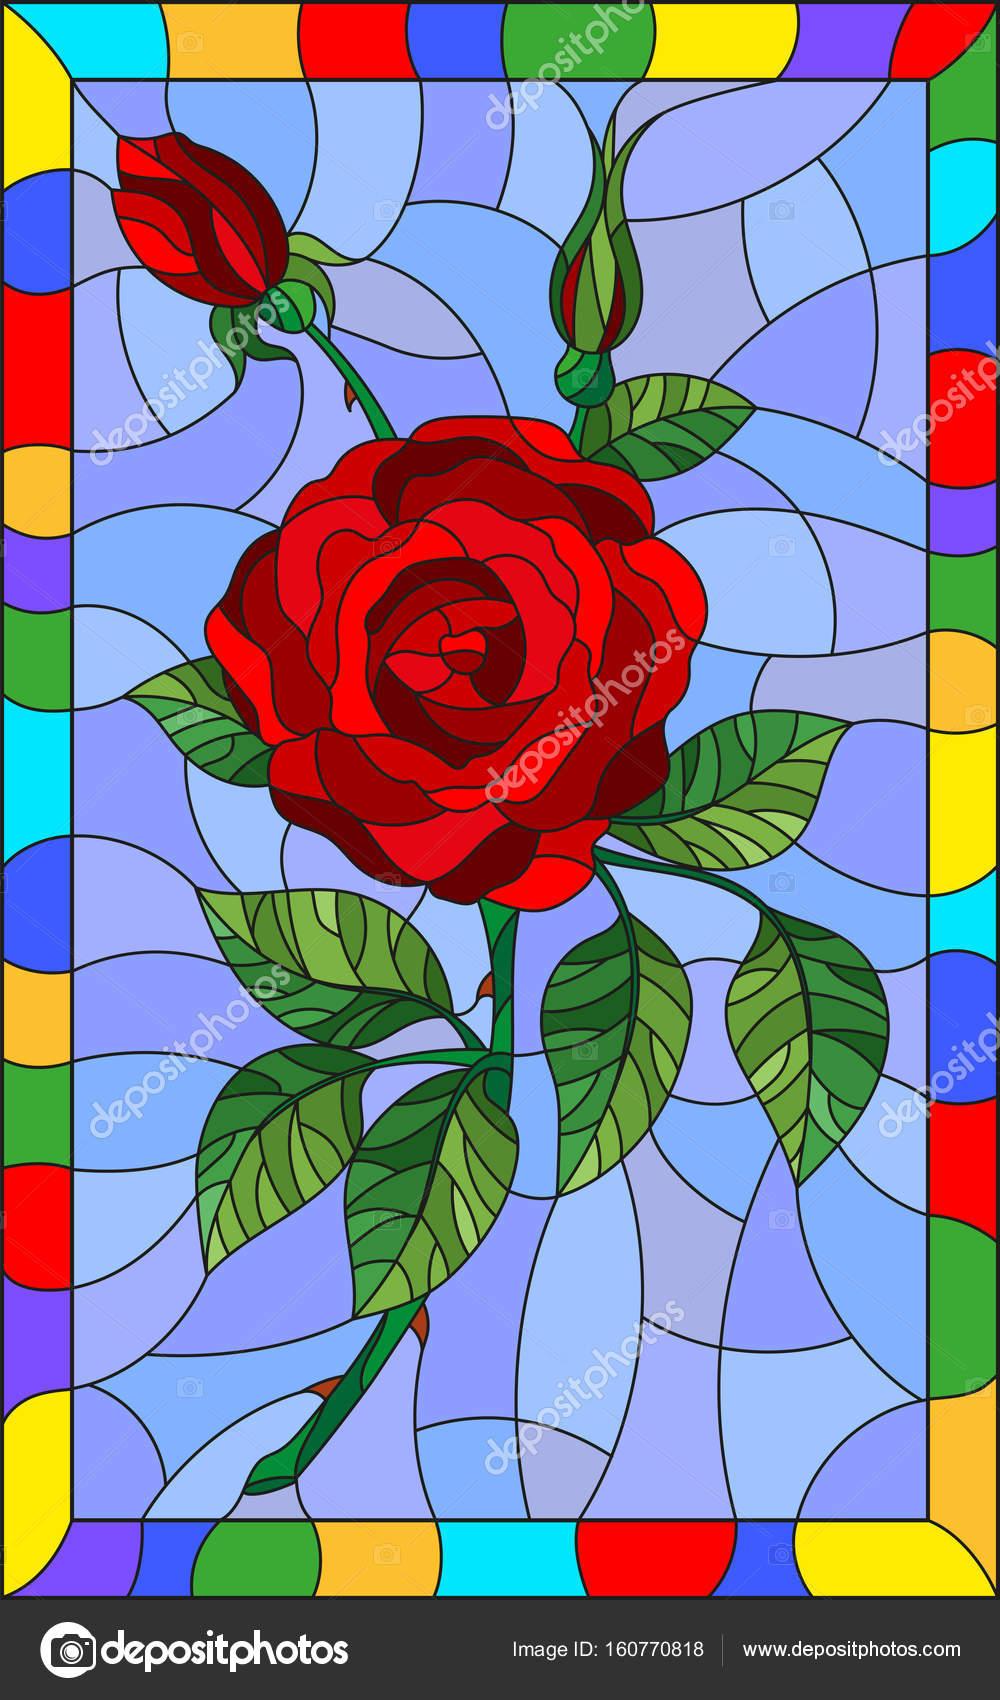 Młodzieńczy Ilustracja w Witraż kwiat stylu z czerwoną różą na niebieskim tle VT49